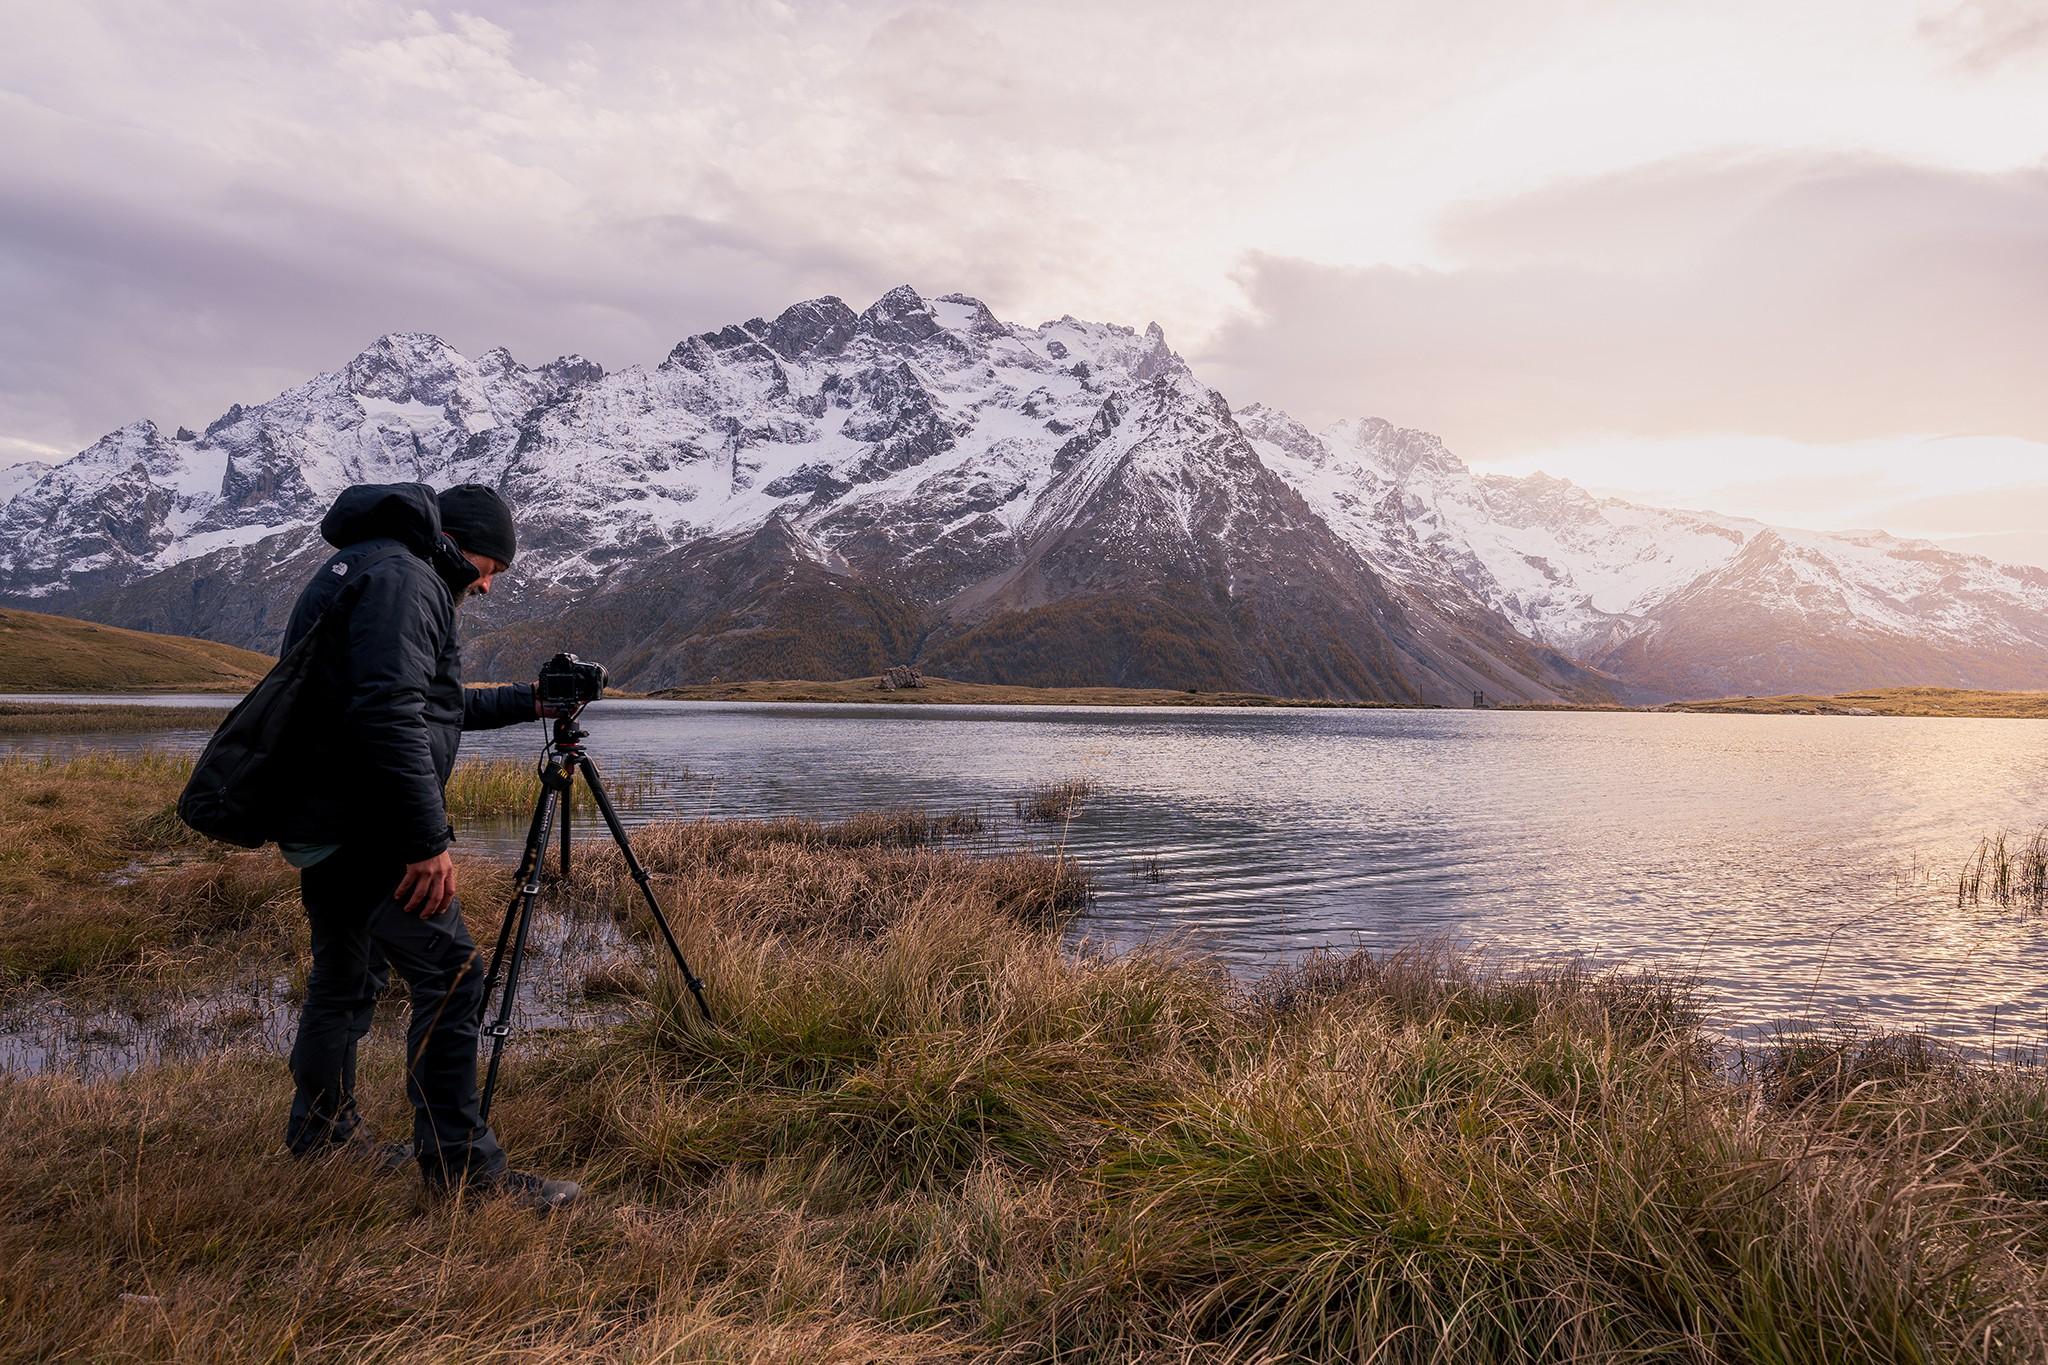 Un photographe en action face au coucher de soleil au lac du Pontet | Hautes-Alpes © Pierre ROLIN - Photographe Nancy - Lorraine / Grand Est